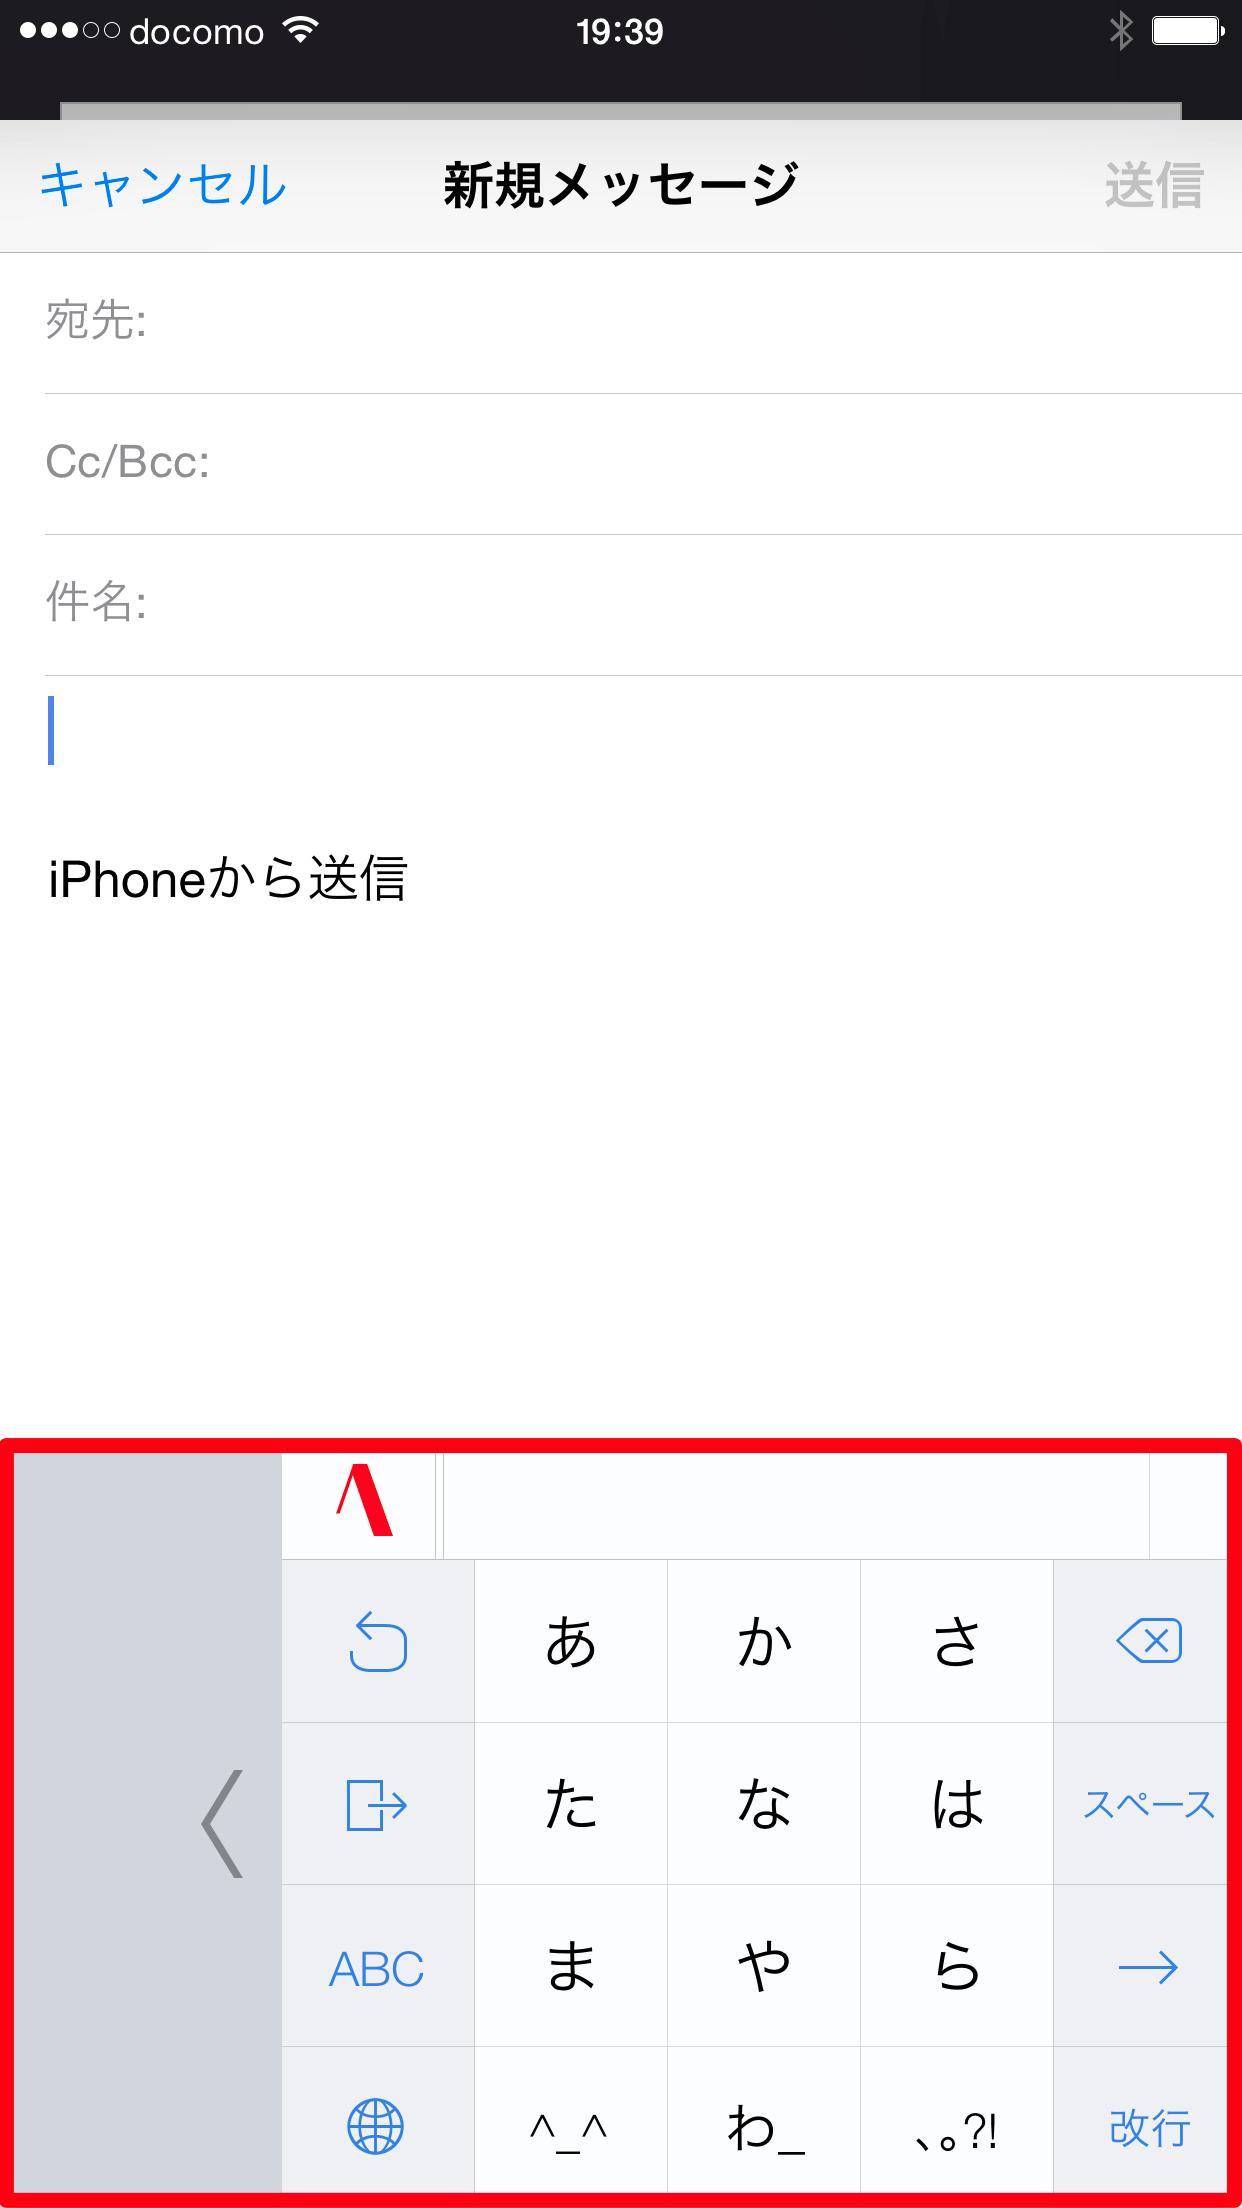 ATOKのキーボードが表示された